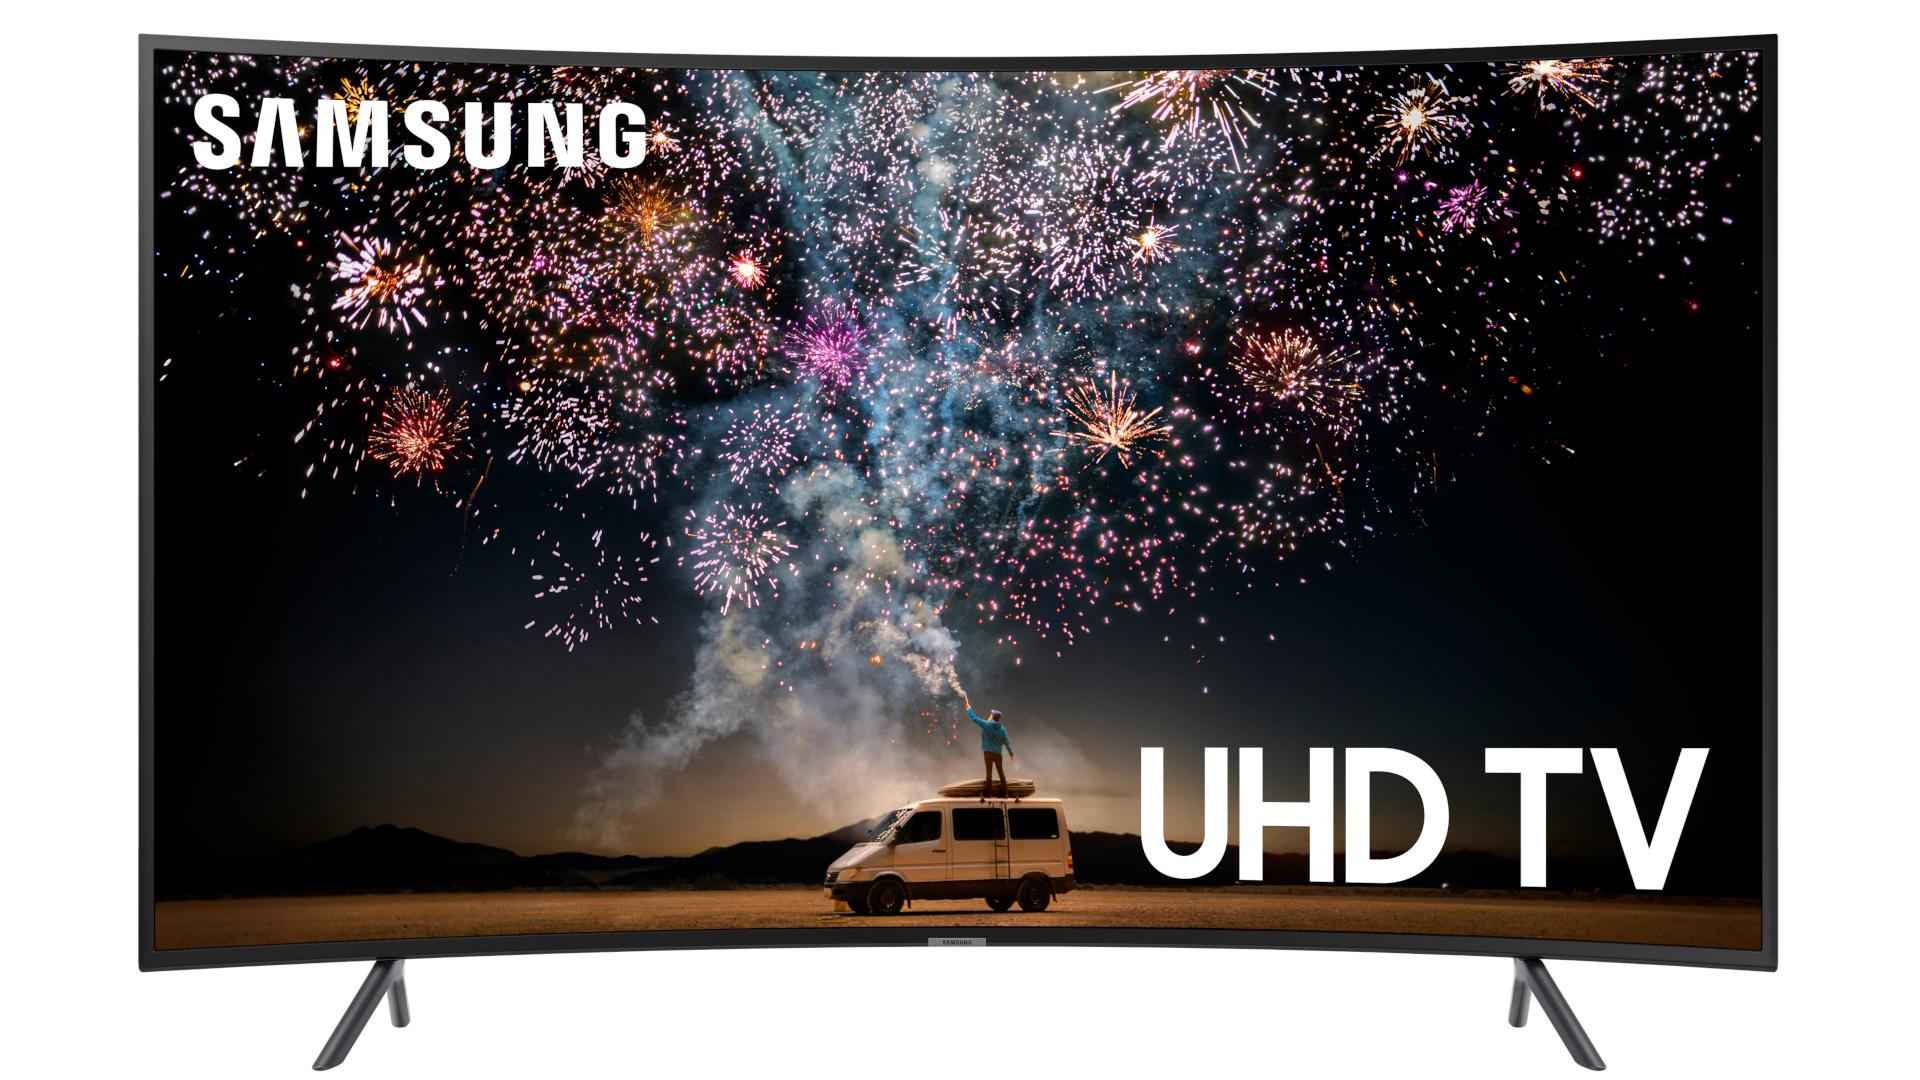 Samsung TV 2020: každý nový QLED a LED televízor Samsung prichádza tento rok 16